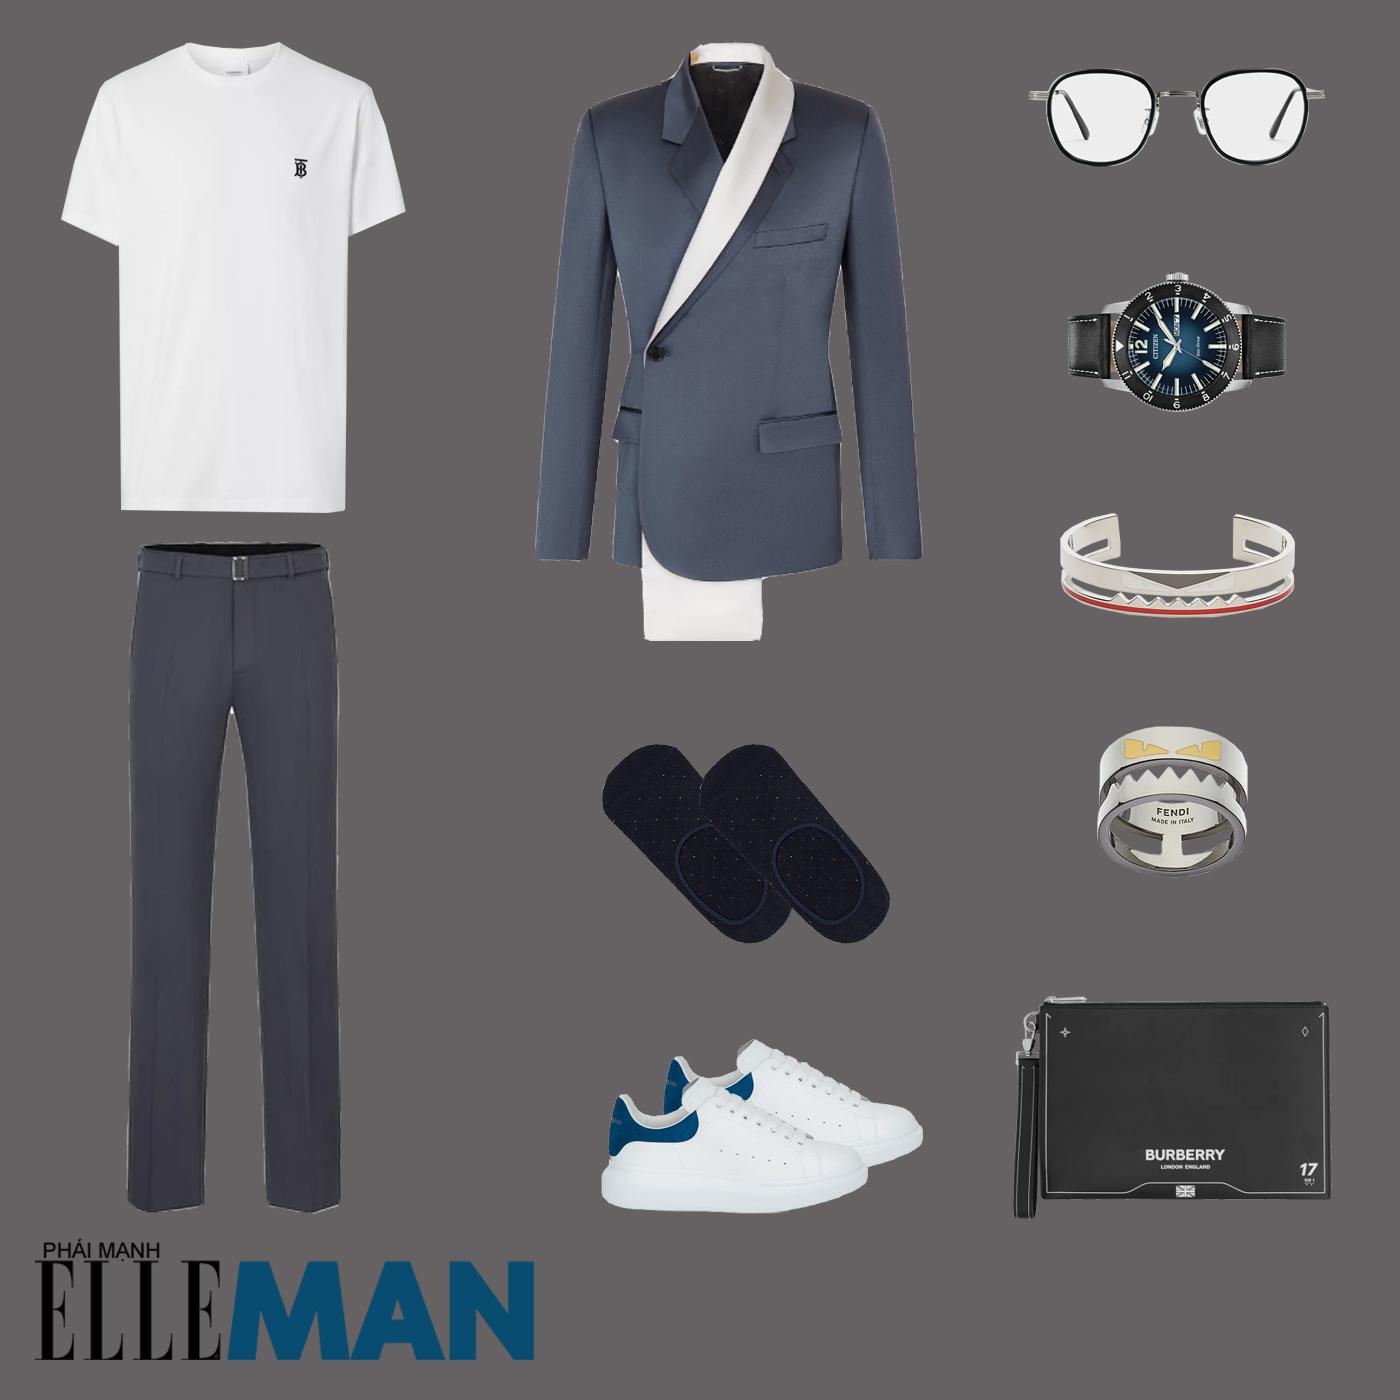 outfit 5 - phối đồ với áo thun basic